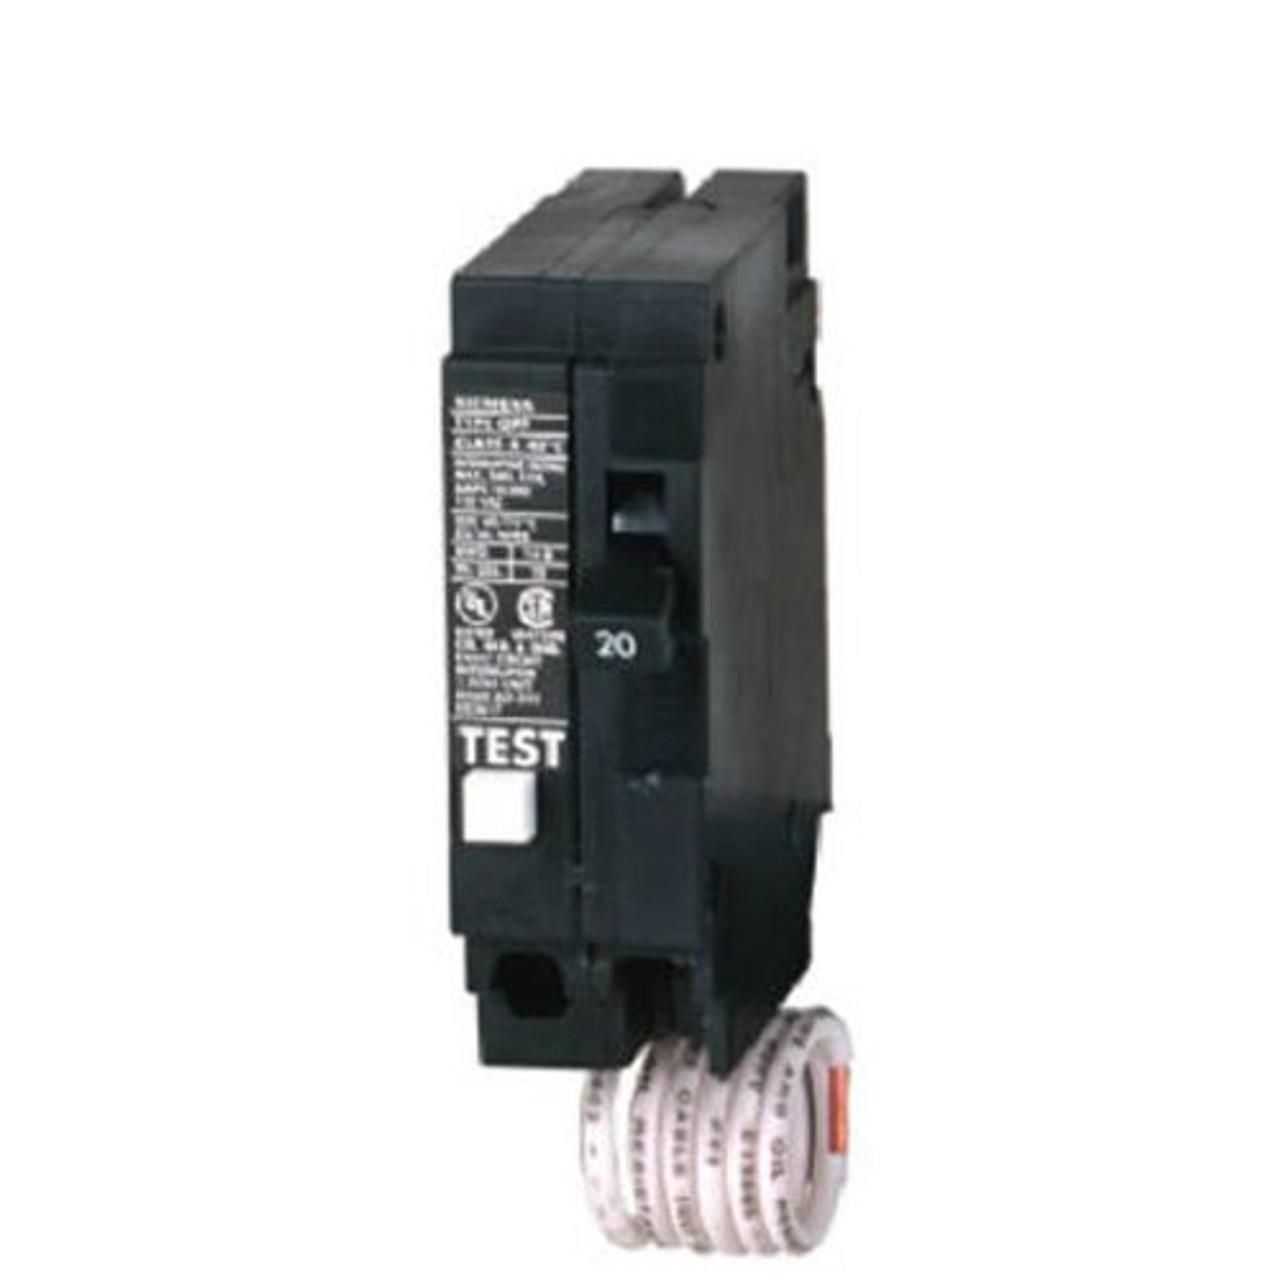 siemens 20 amp breaker 120//240v